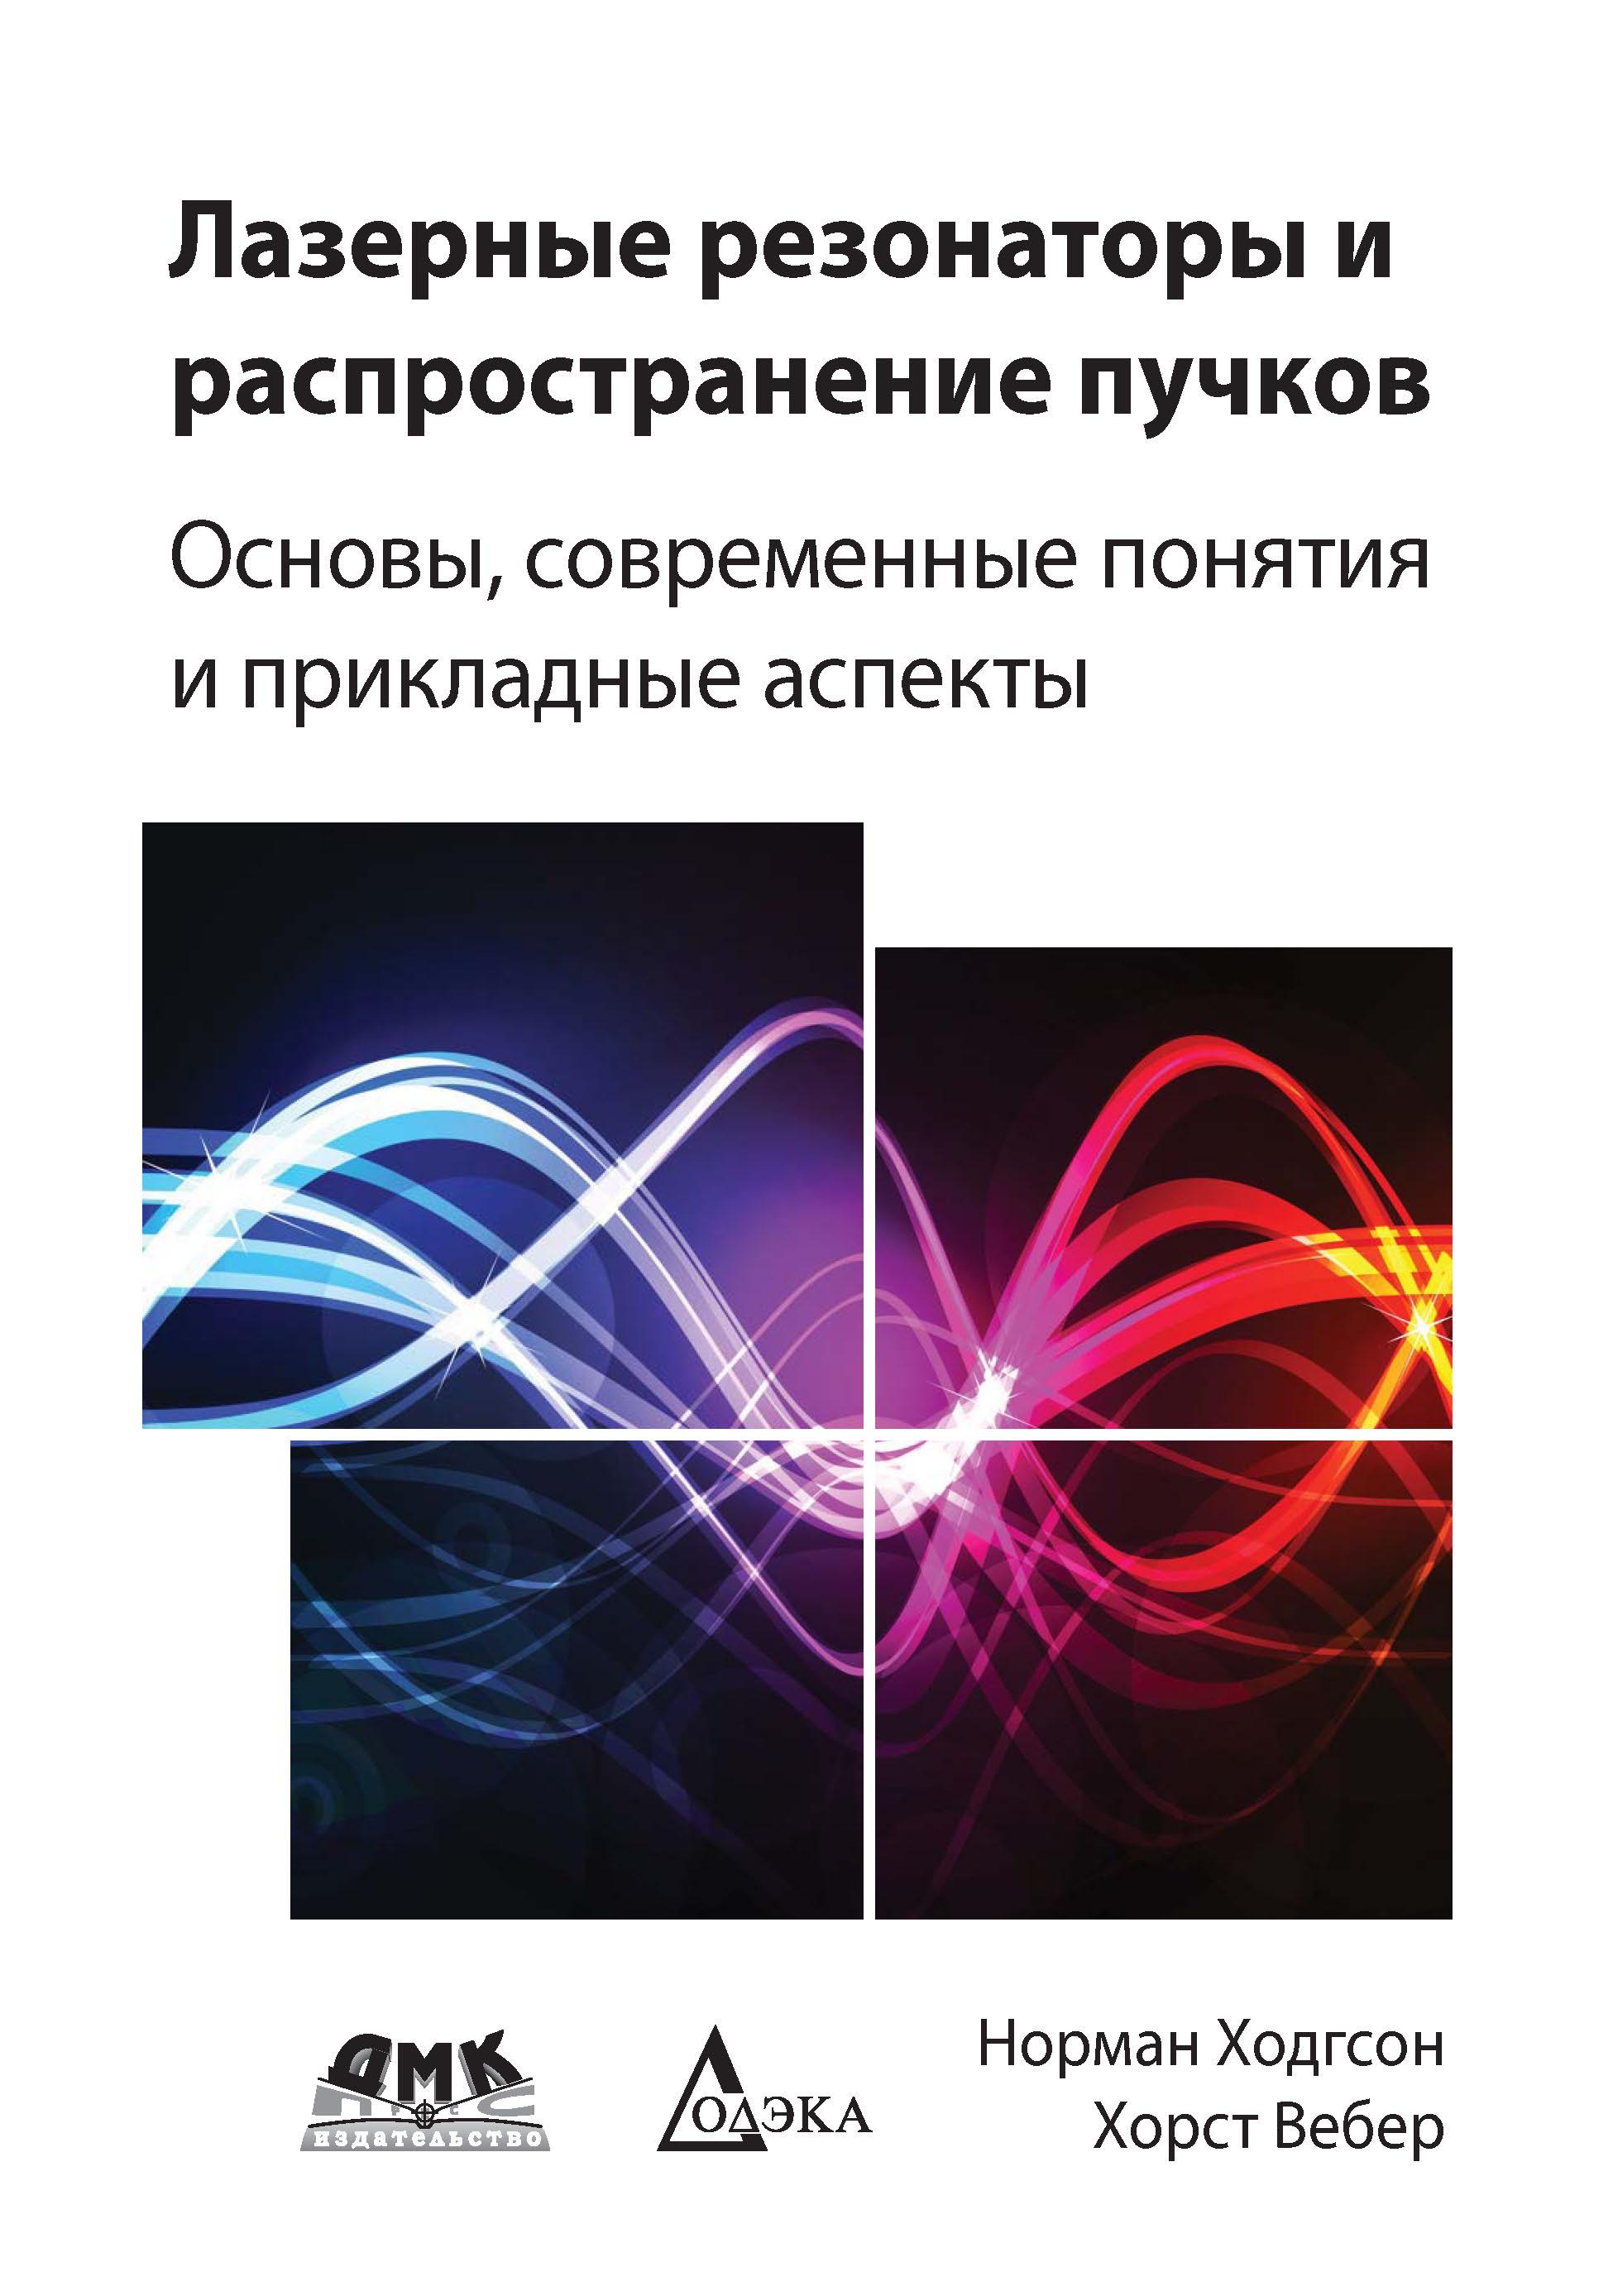 Норман Ходгсон Лазерные резонаторы и распространение пучков. Основы, современные понятия и прикладные аспекты ходгсон н лазерные резонаторы и распространение пучков